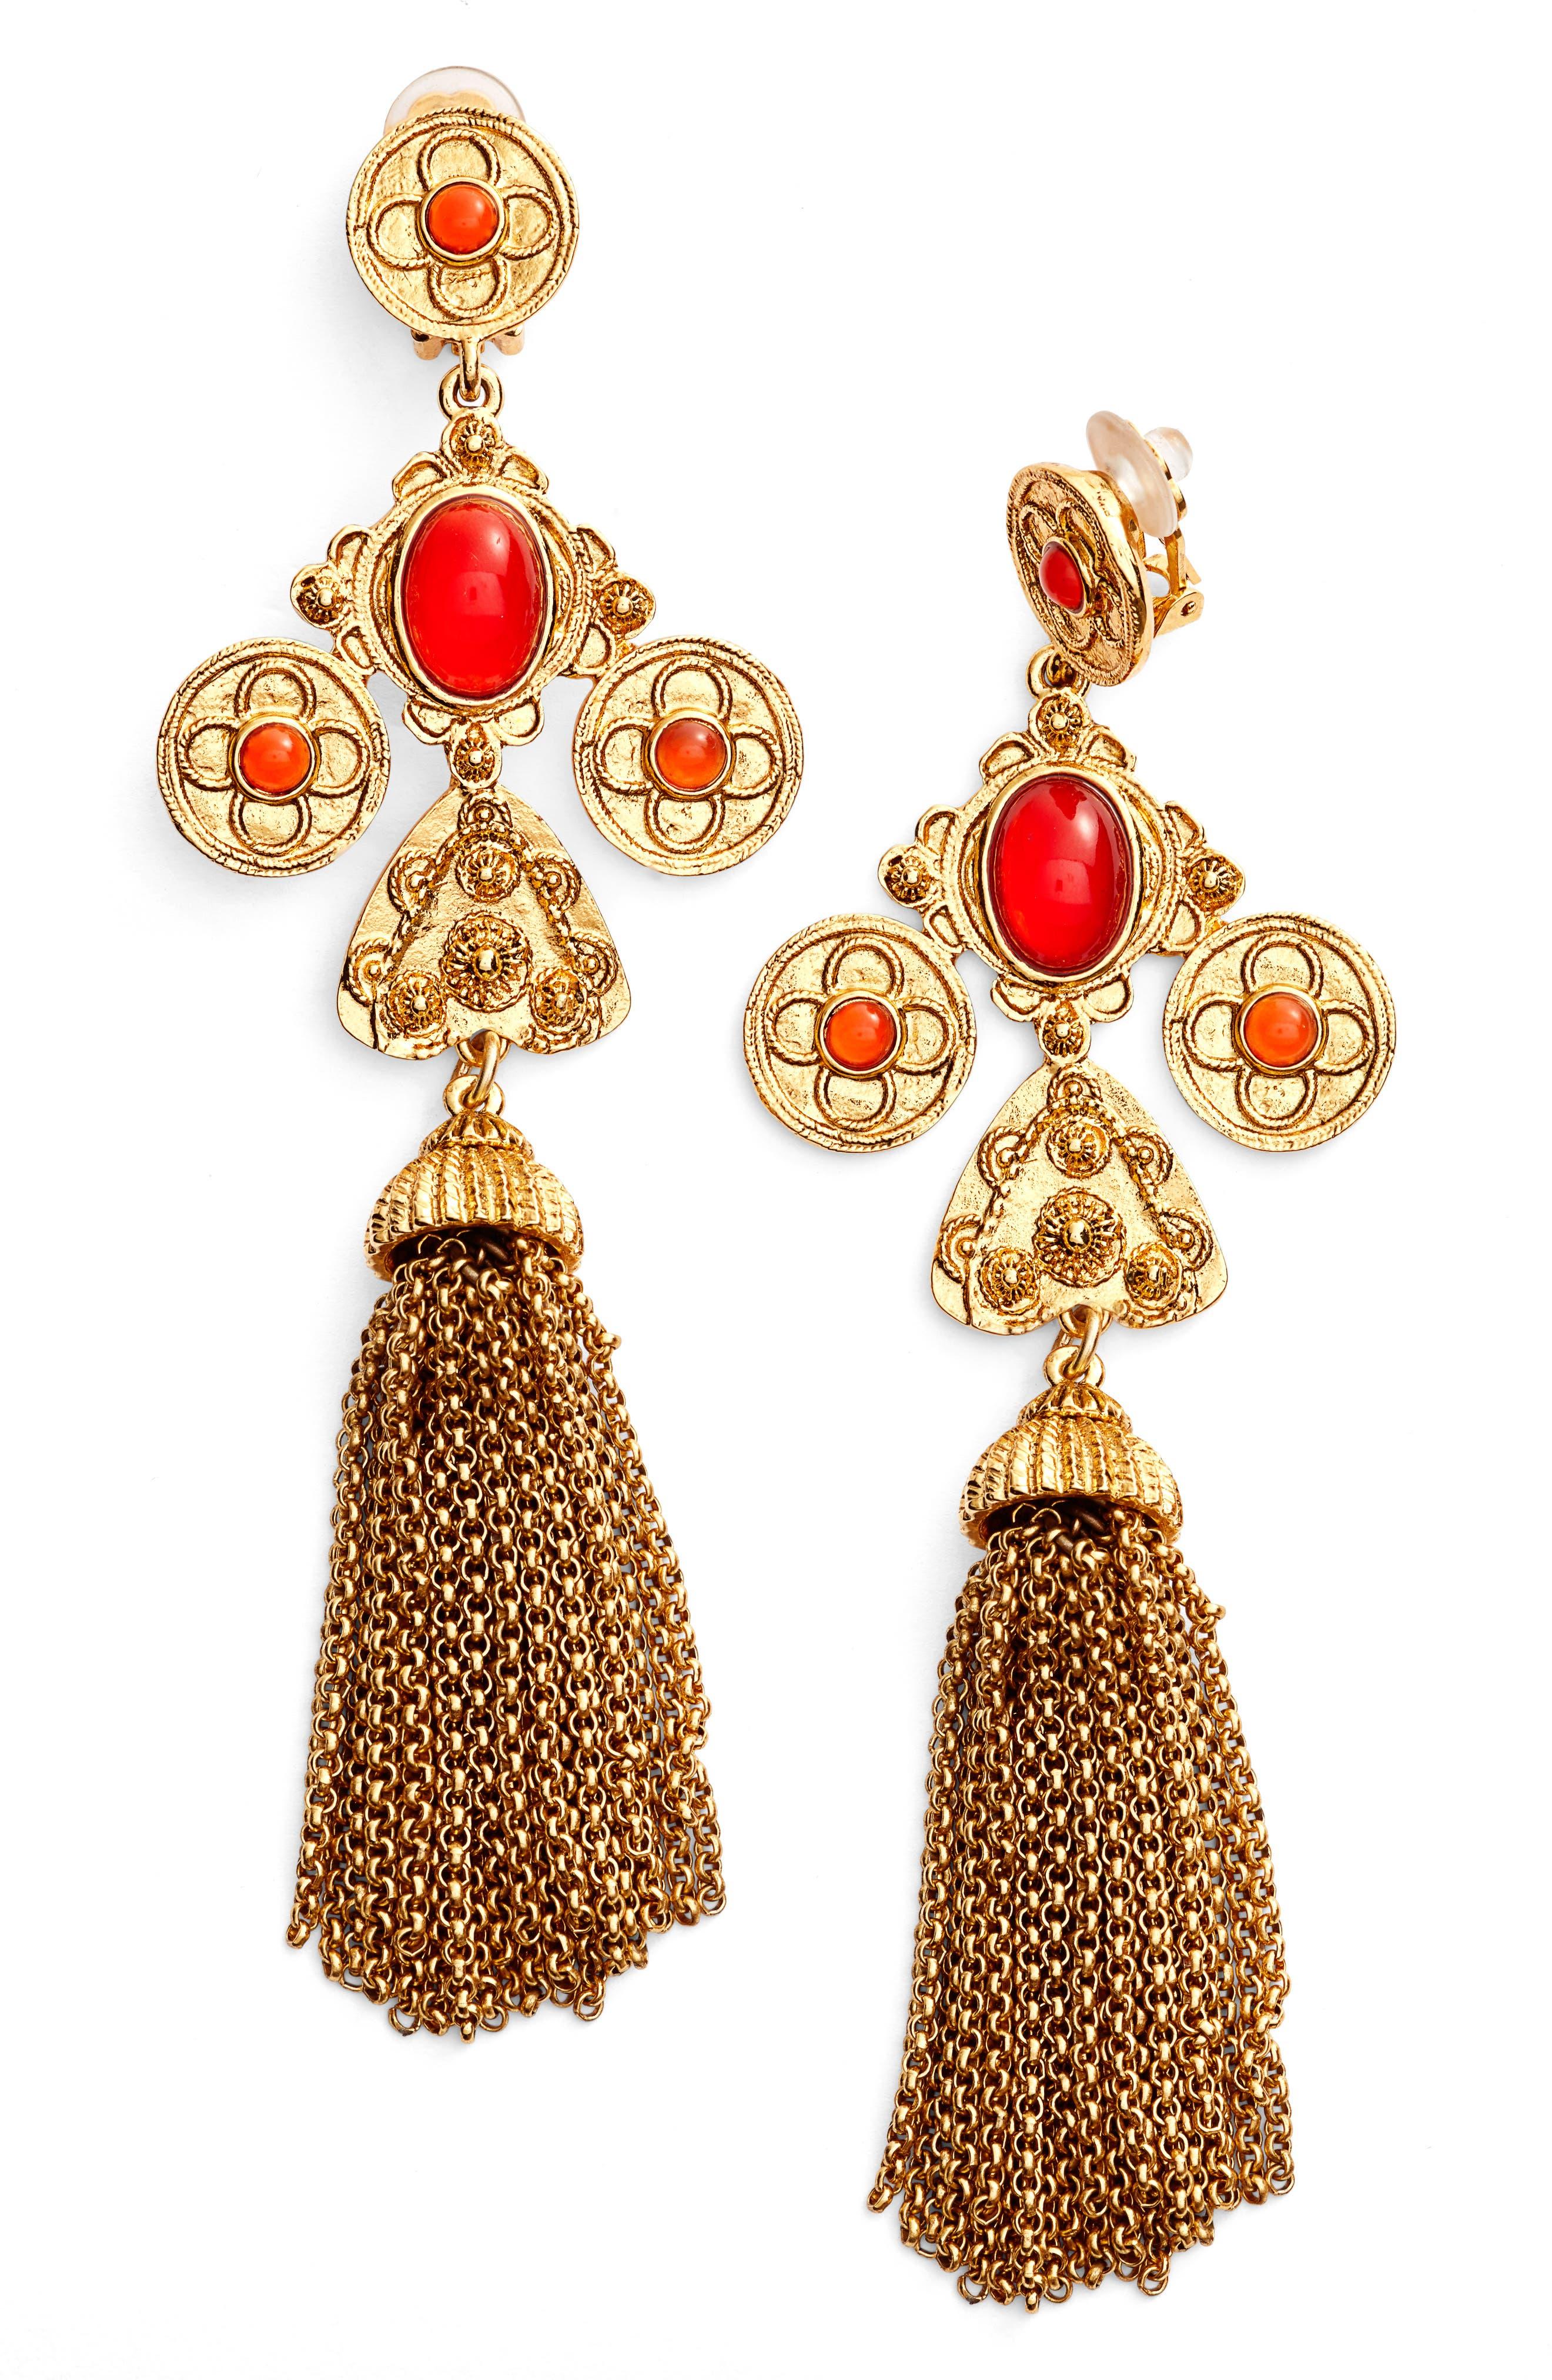 Alternate Image 1 Selected - Oscar de la Renta Charm Tassel Clip Earrings